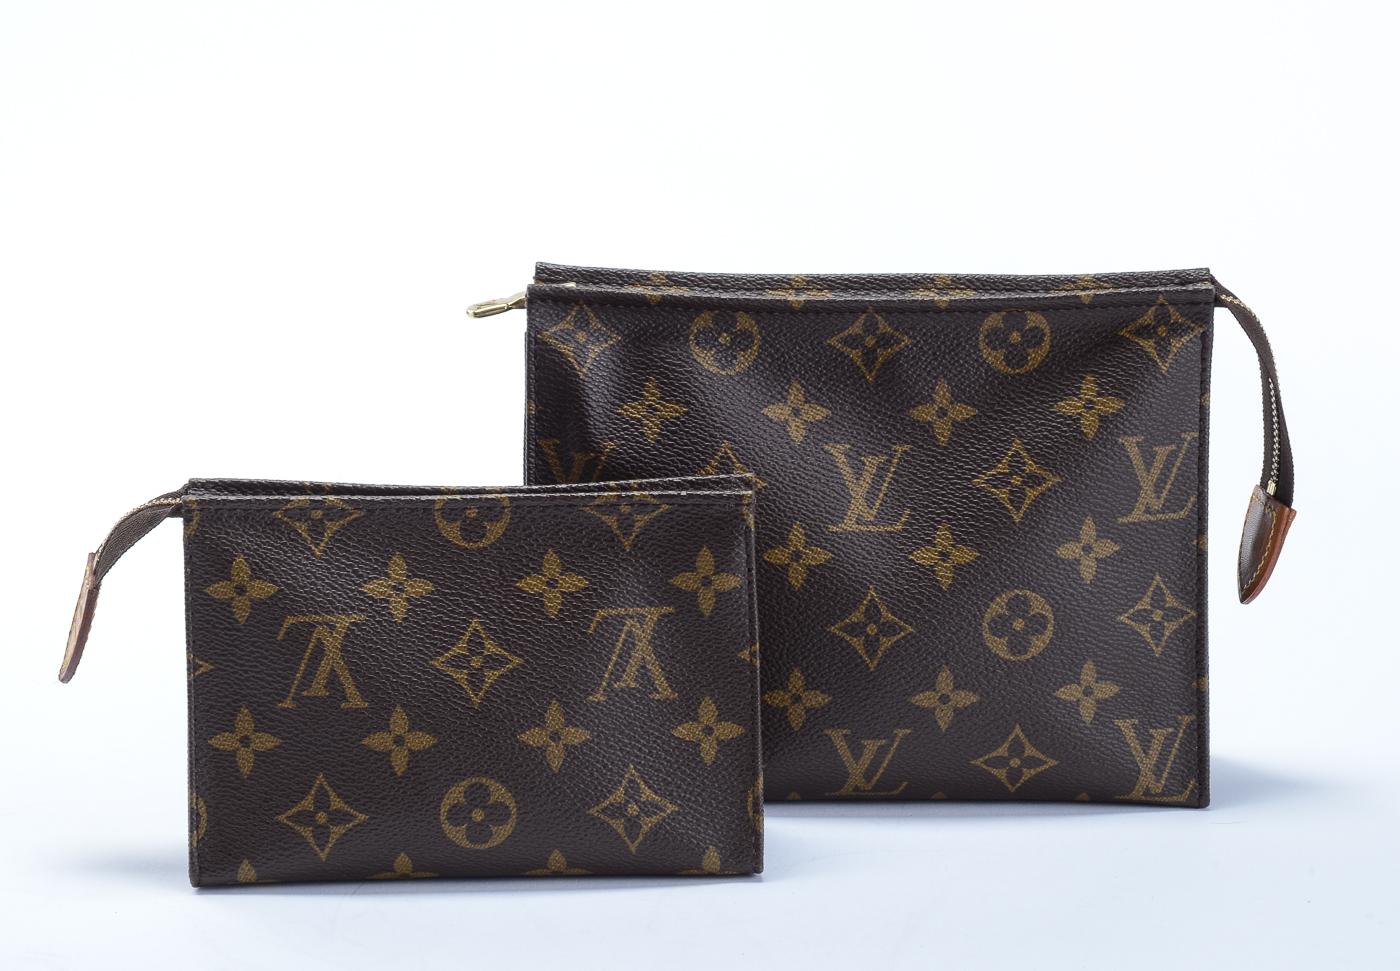 Louis Vuitton, kosmetikpunge / clutch - Louis Vuitton, to kosmetikpunge / clutches udført af monogram kanvas. Invendigt med et rum. Begge udført i 1995. H.10/15 cm, B.15/18,5 cm